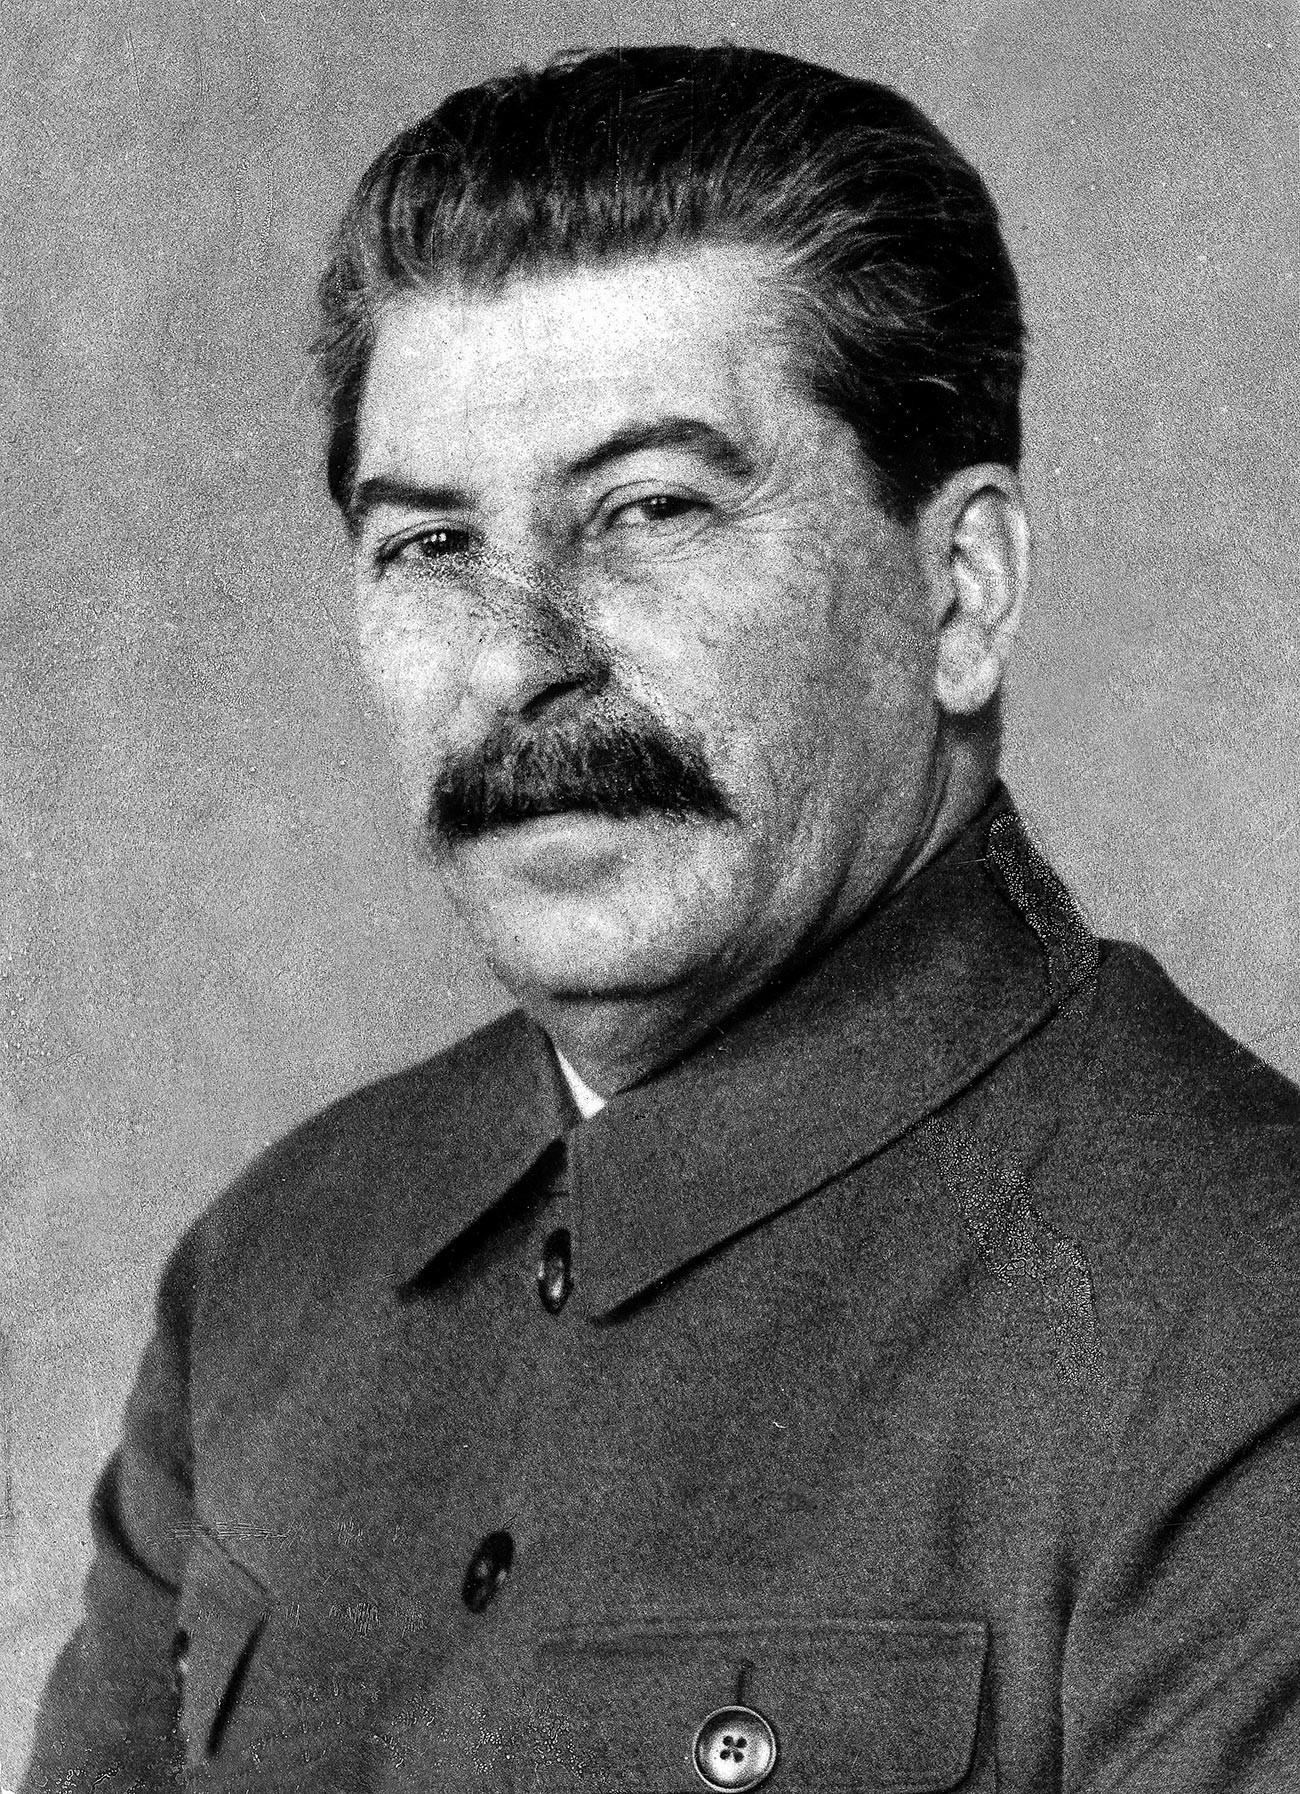 Јосиф Стаљин